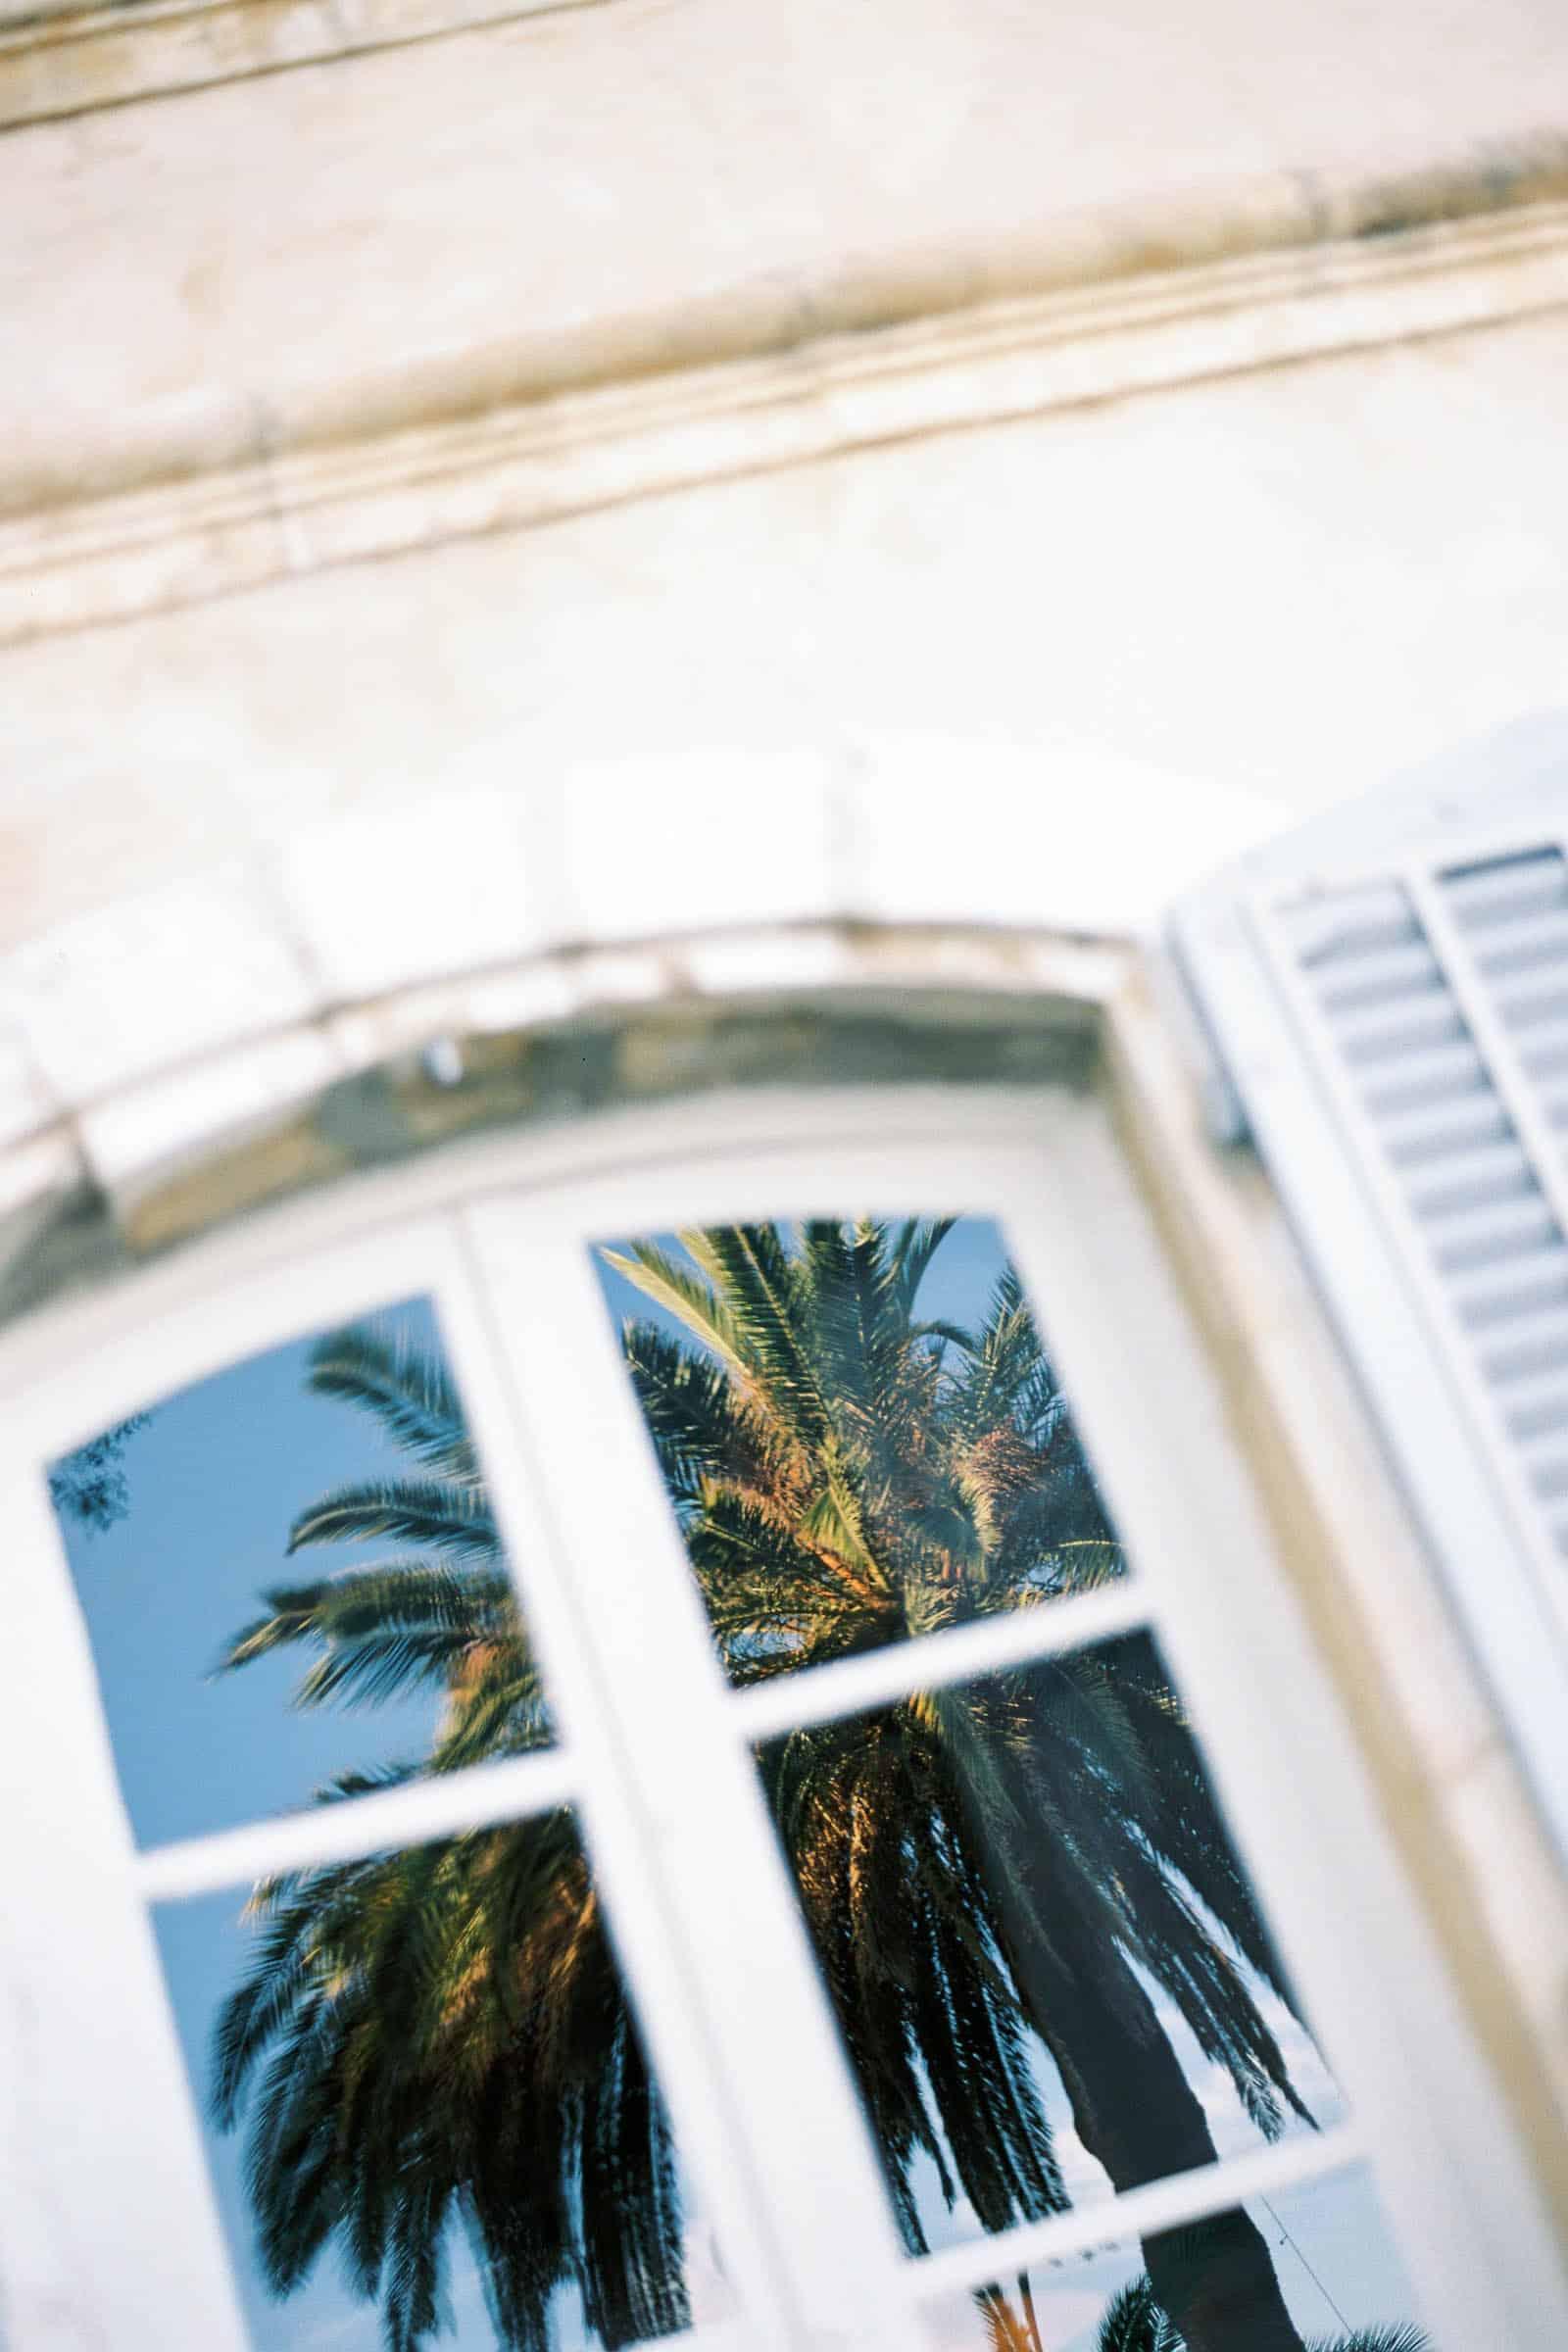 Photographie de Mathieu Dété présentant le reflet d'un palmier dans la fenêtre de la Villa Brignac